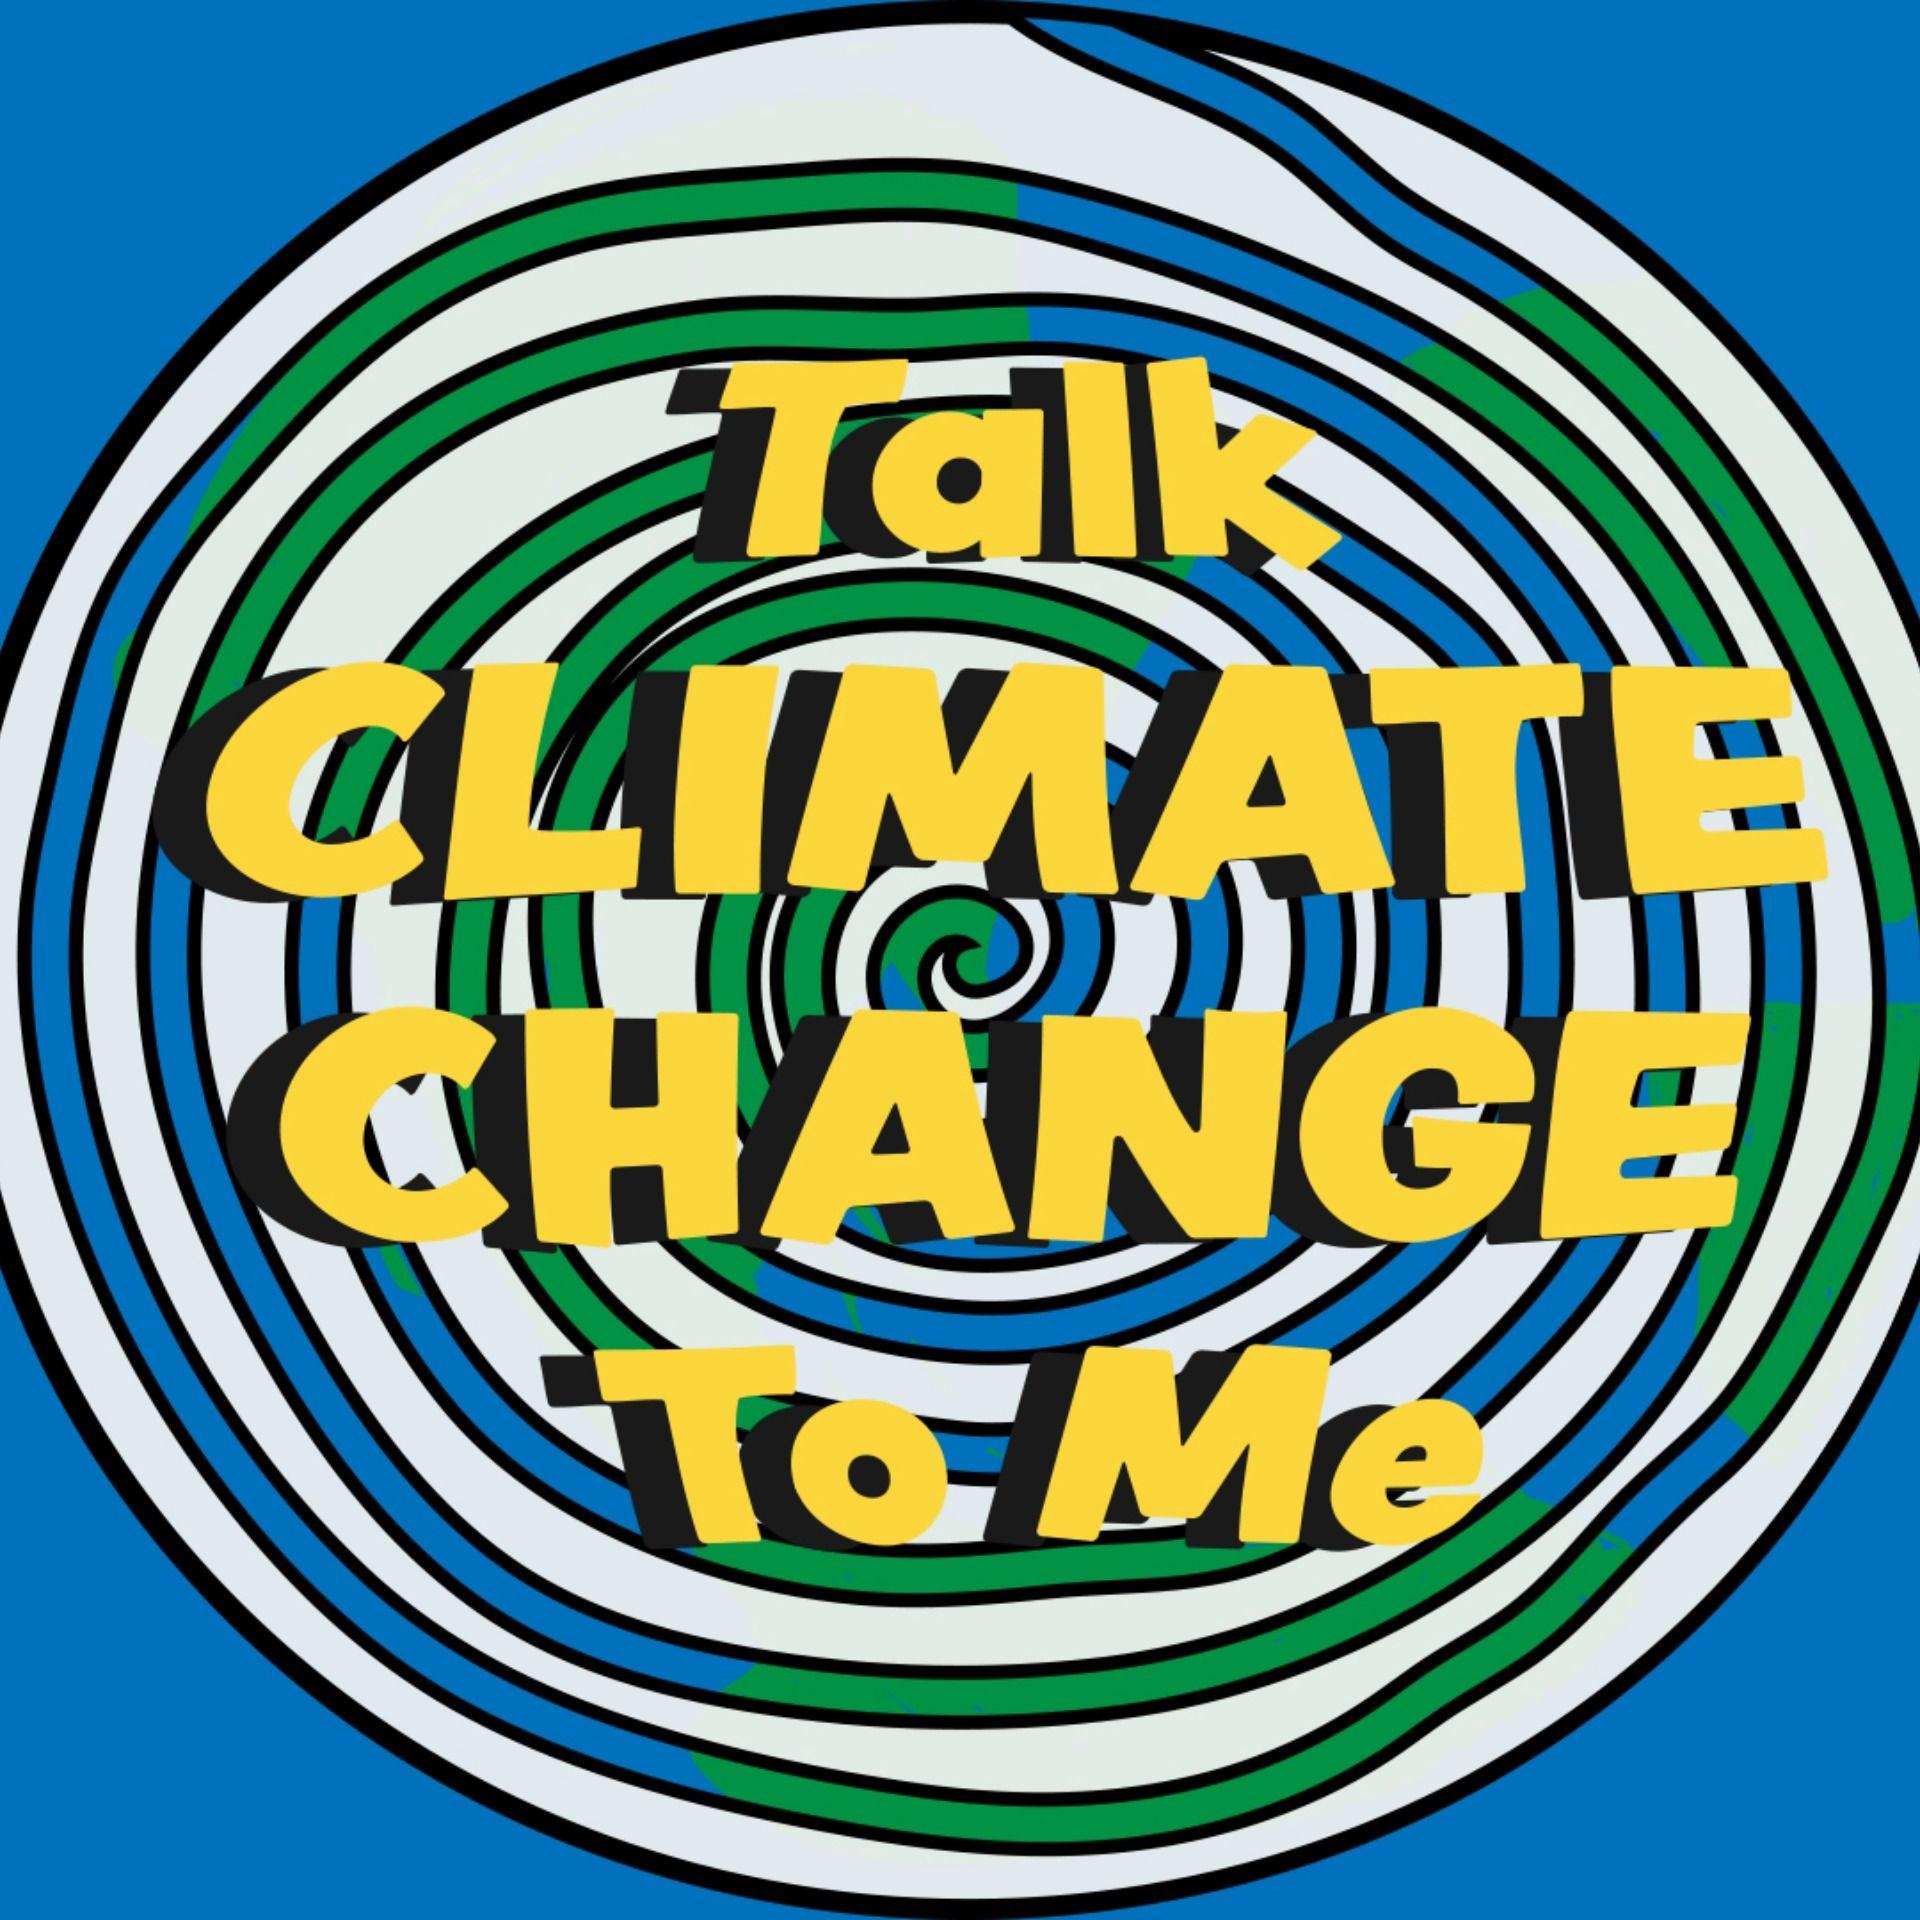 Talk Climate Change to Me Season 2